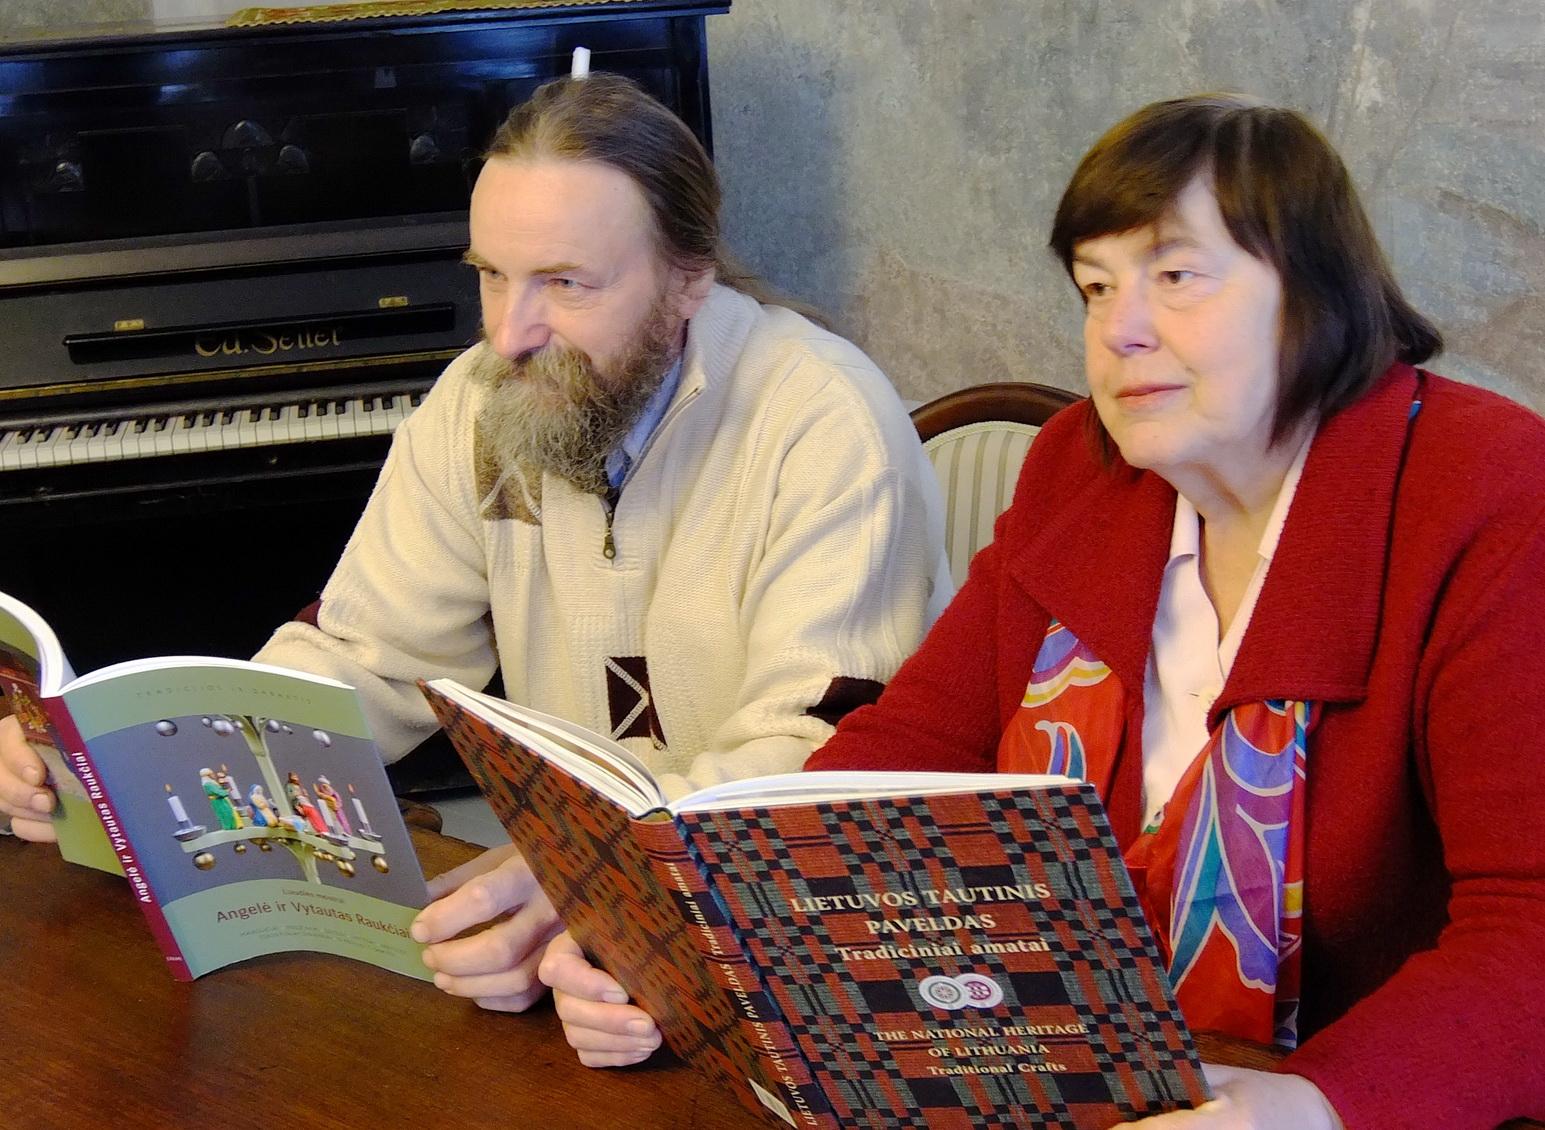 15 knygų gavę Angelė ir Vytautas Raukčiai ir jau spėjo visas padovanoti.